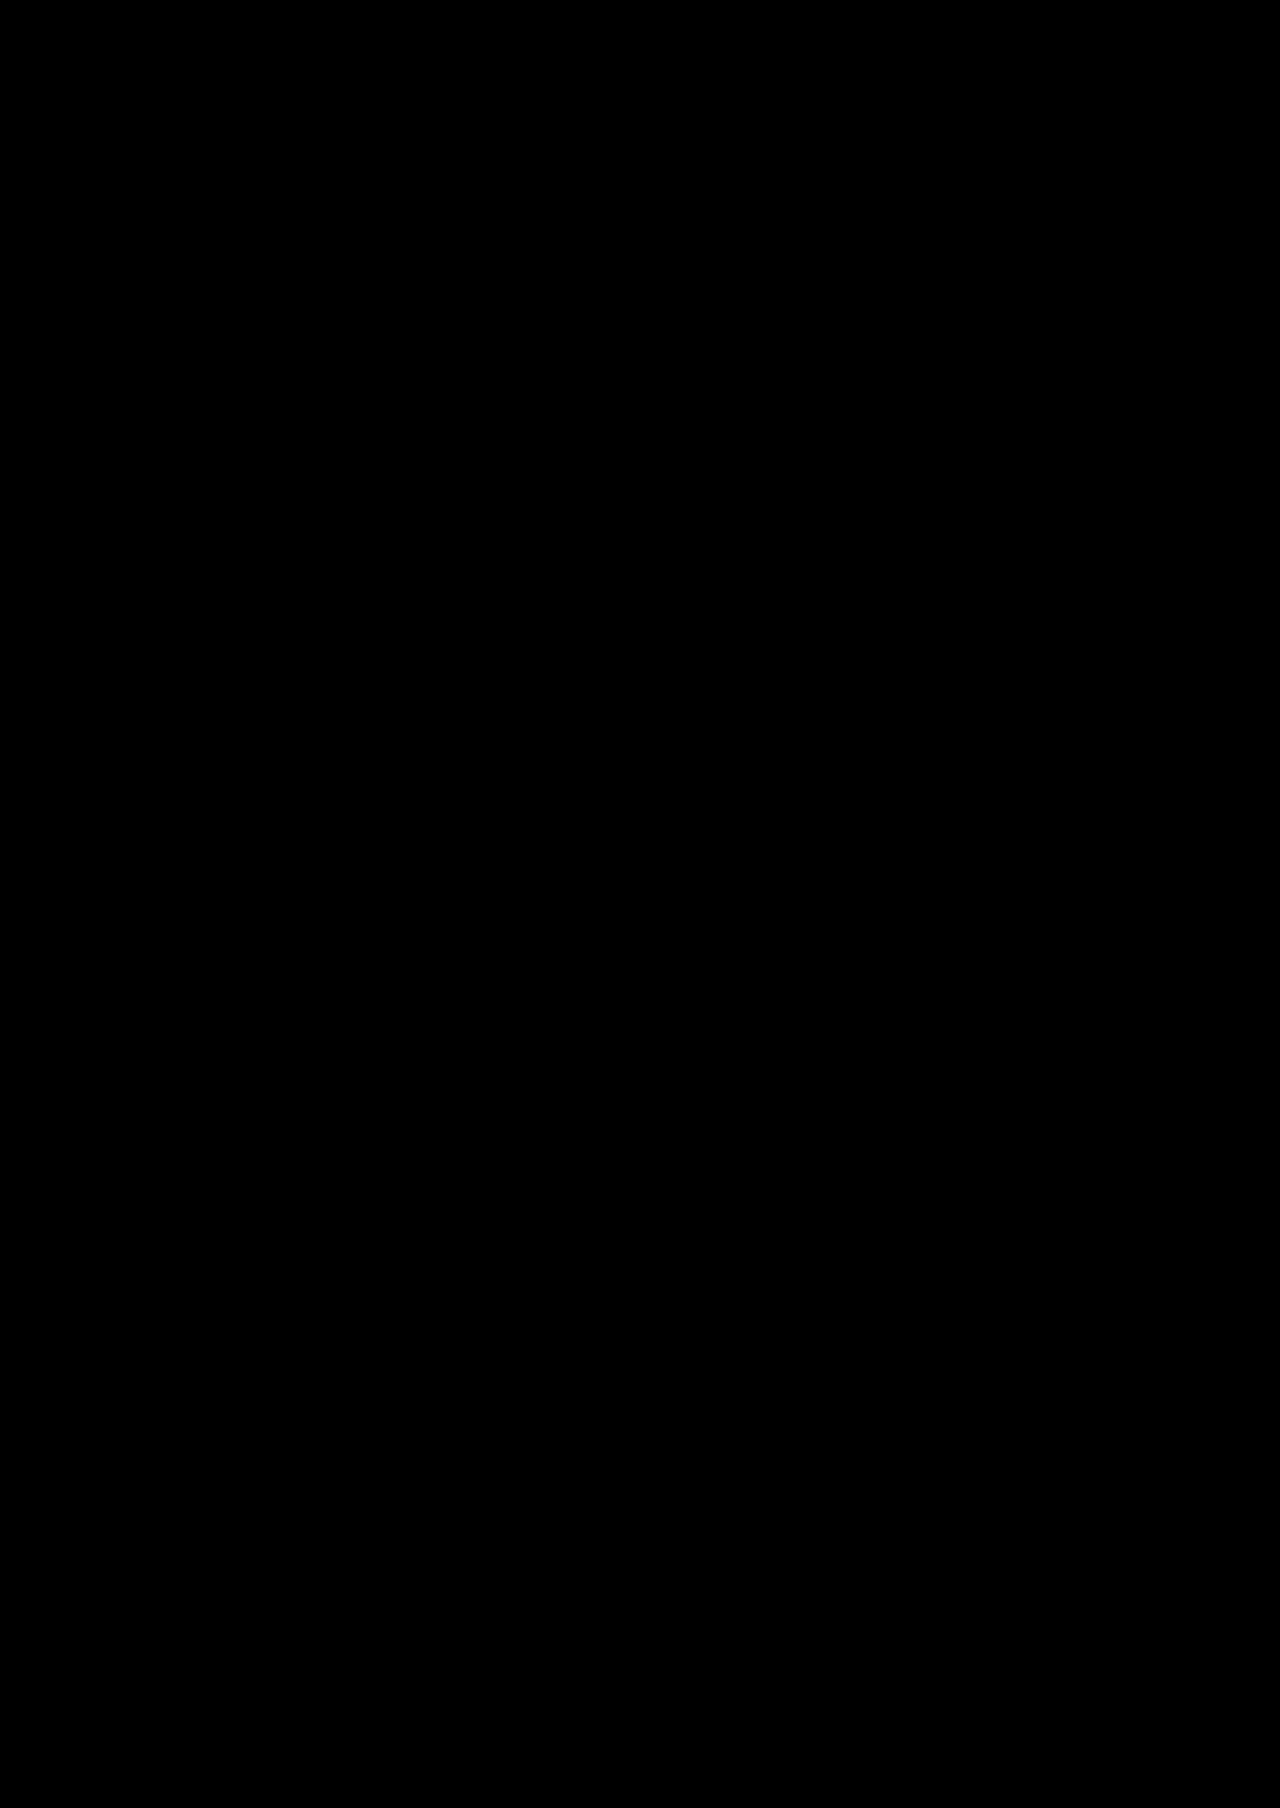 สิ้นศักดิ์ศรีโสเภณีไฮเอลฟ์ 6 - เนื้อเรื่องของเอ็มม่า ภาพ 30